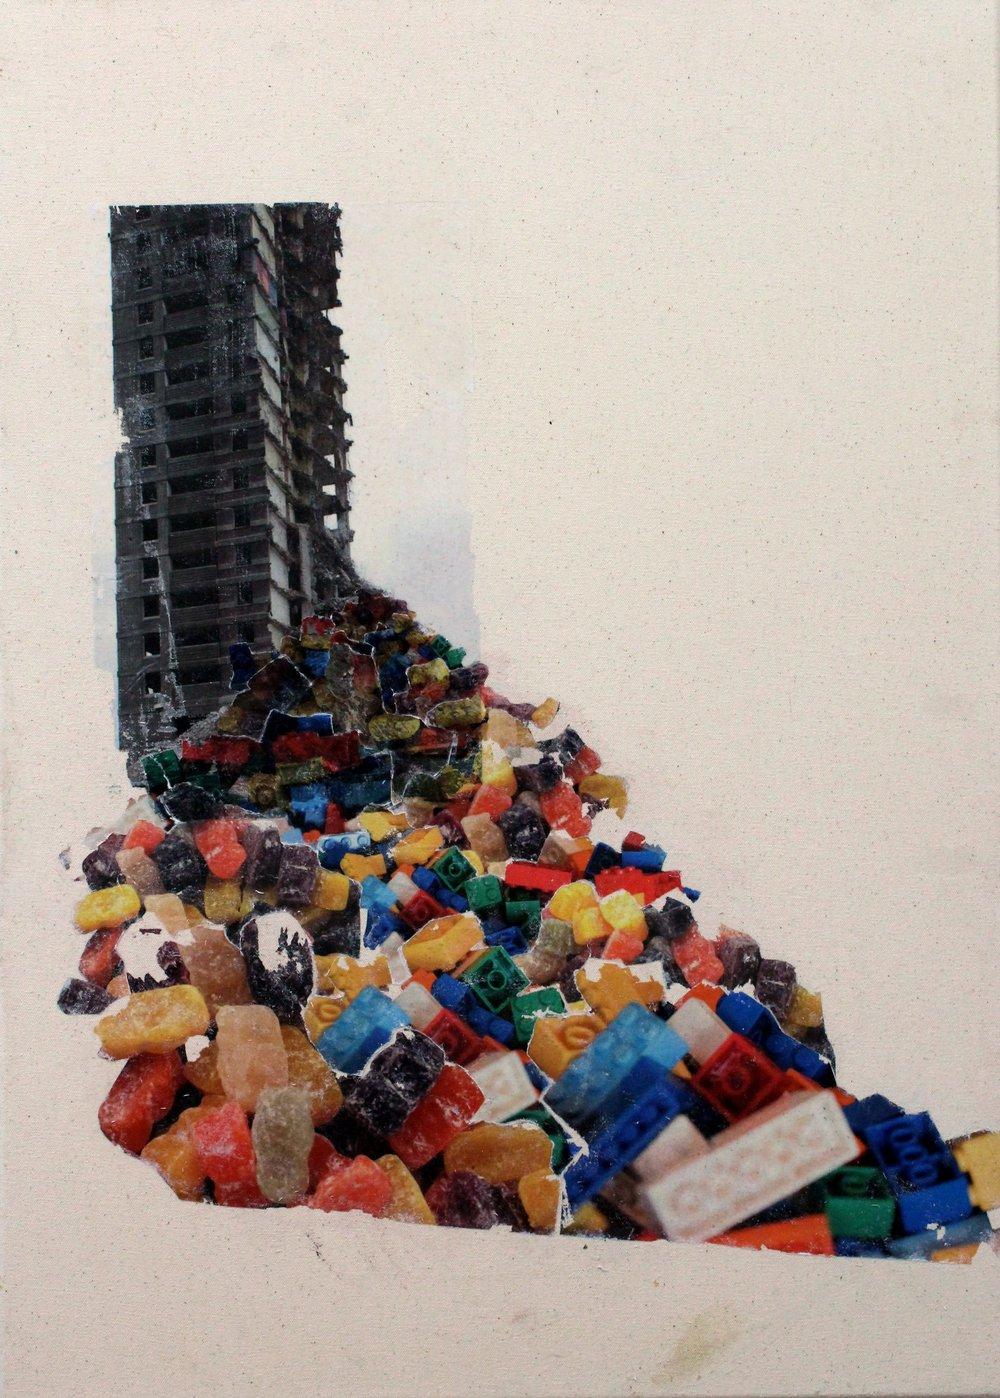 Lego of Nostalgia